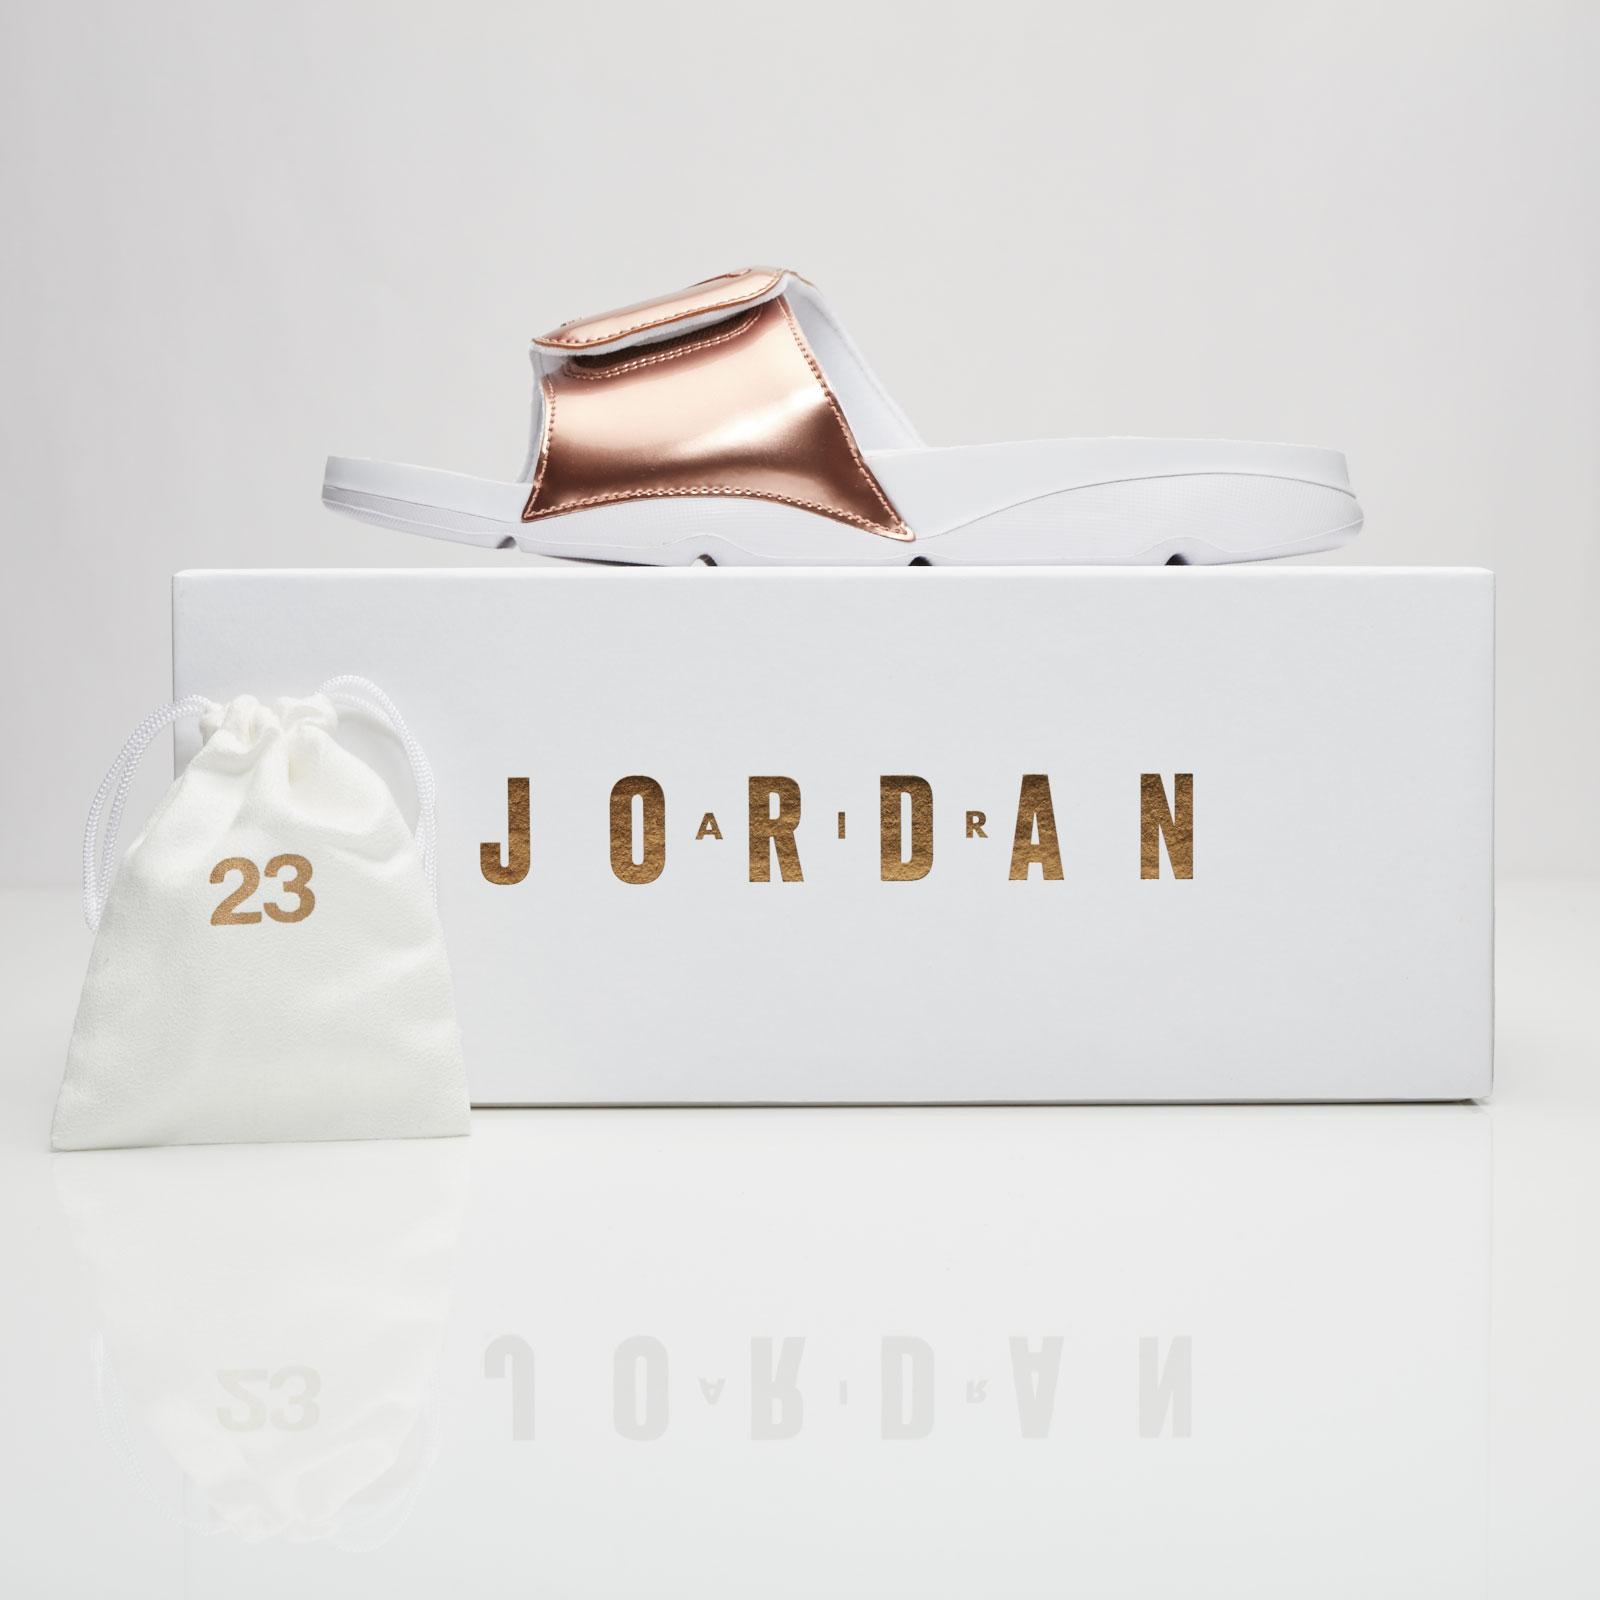 ac468dda842 Jordan Brand Jordan Hydro 5 Pinnacle - 854555-105 - Sneakersnstuff |  sneakers & streetwear online since 1999